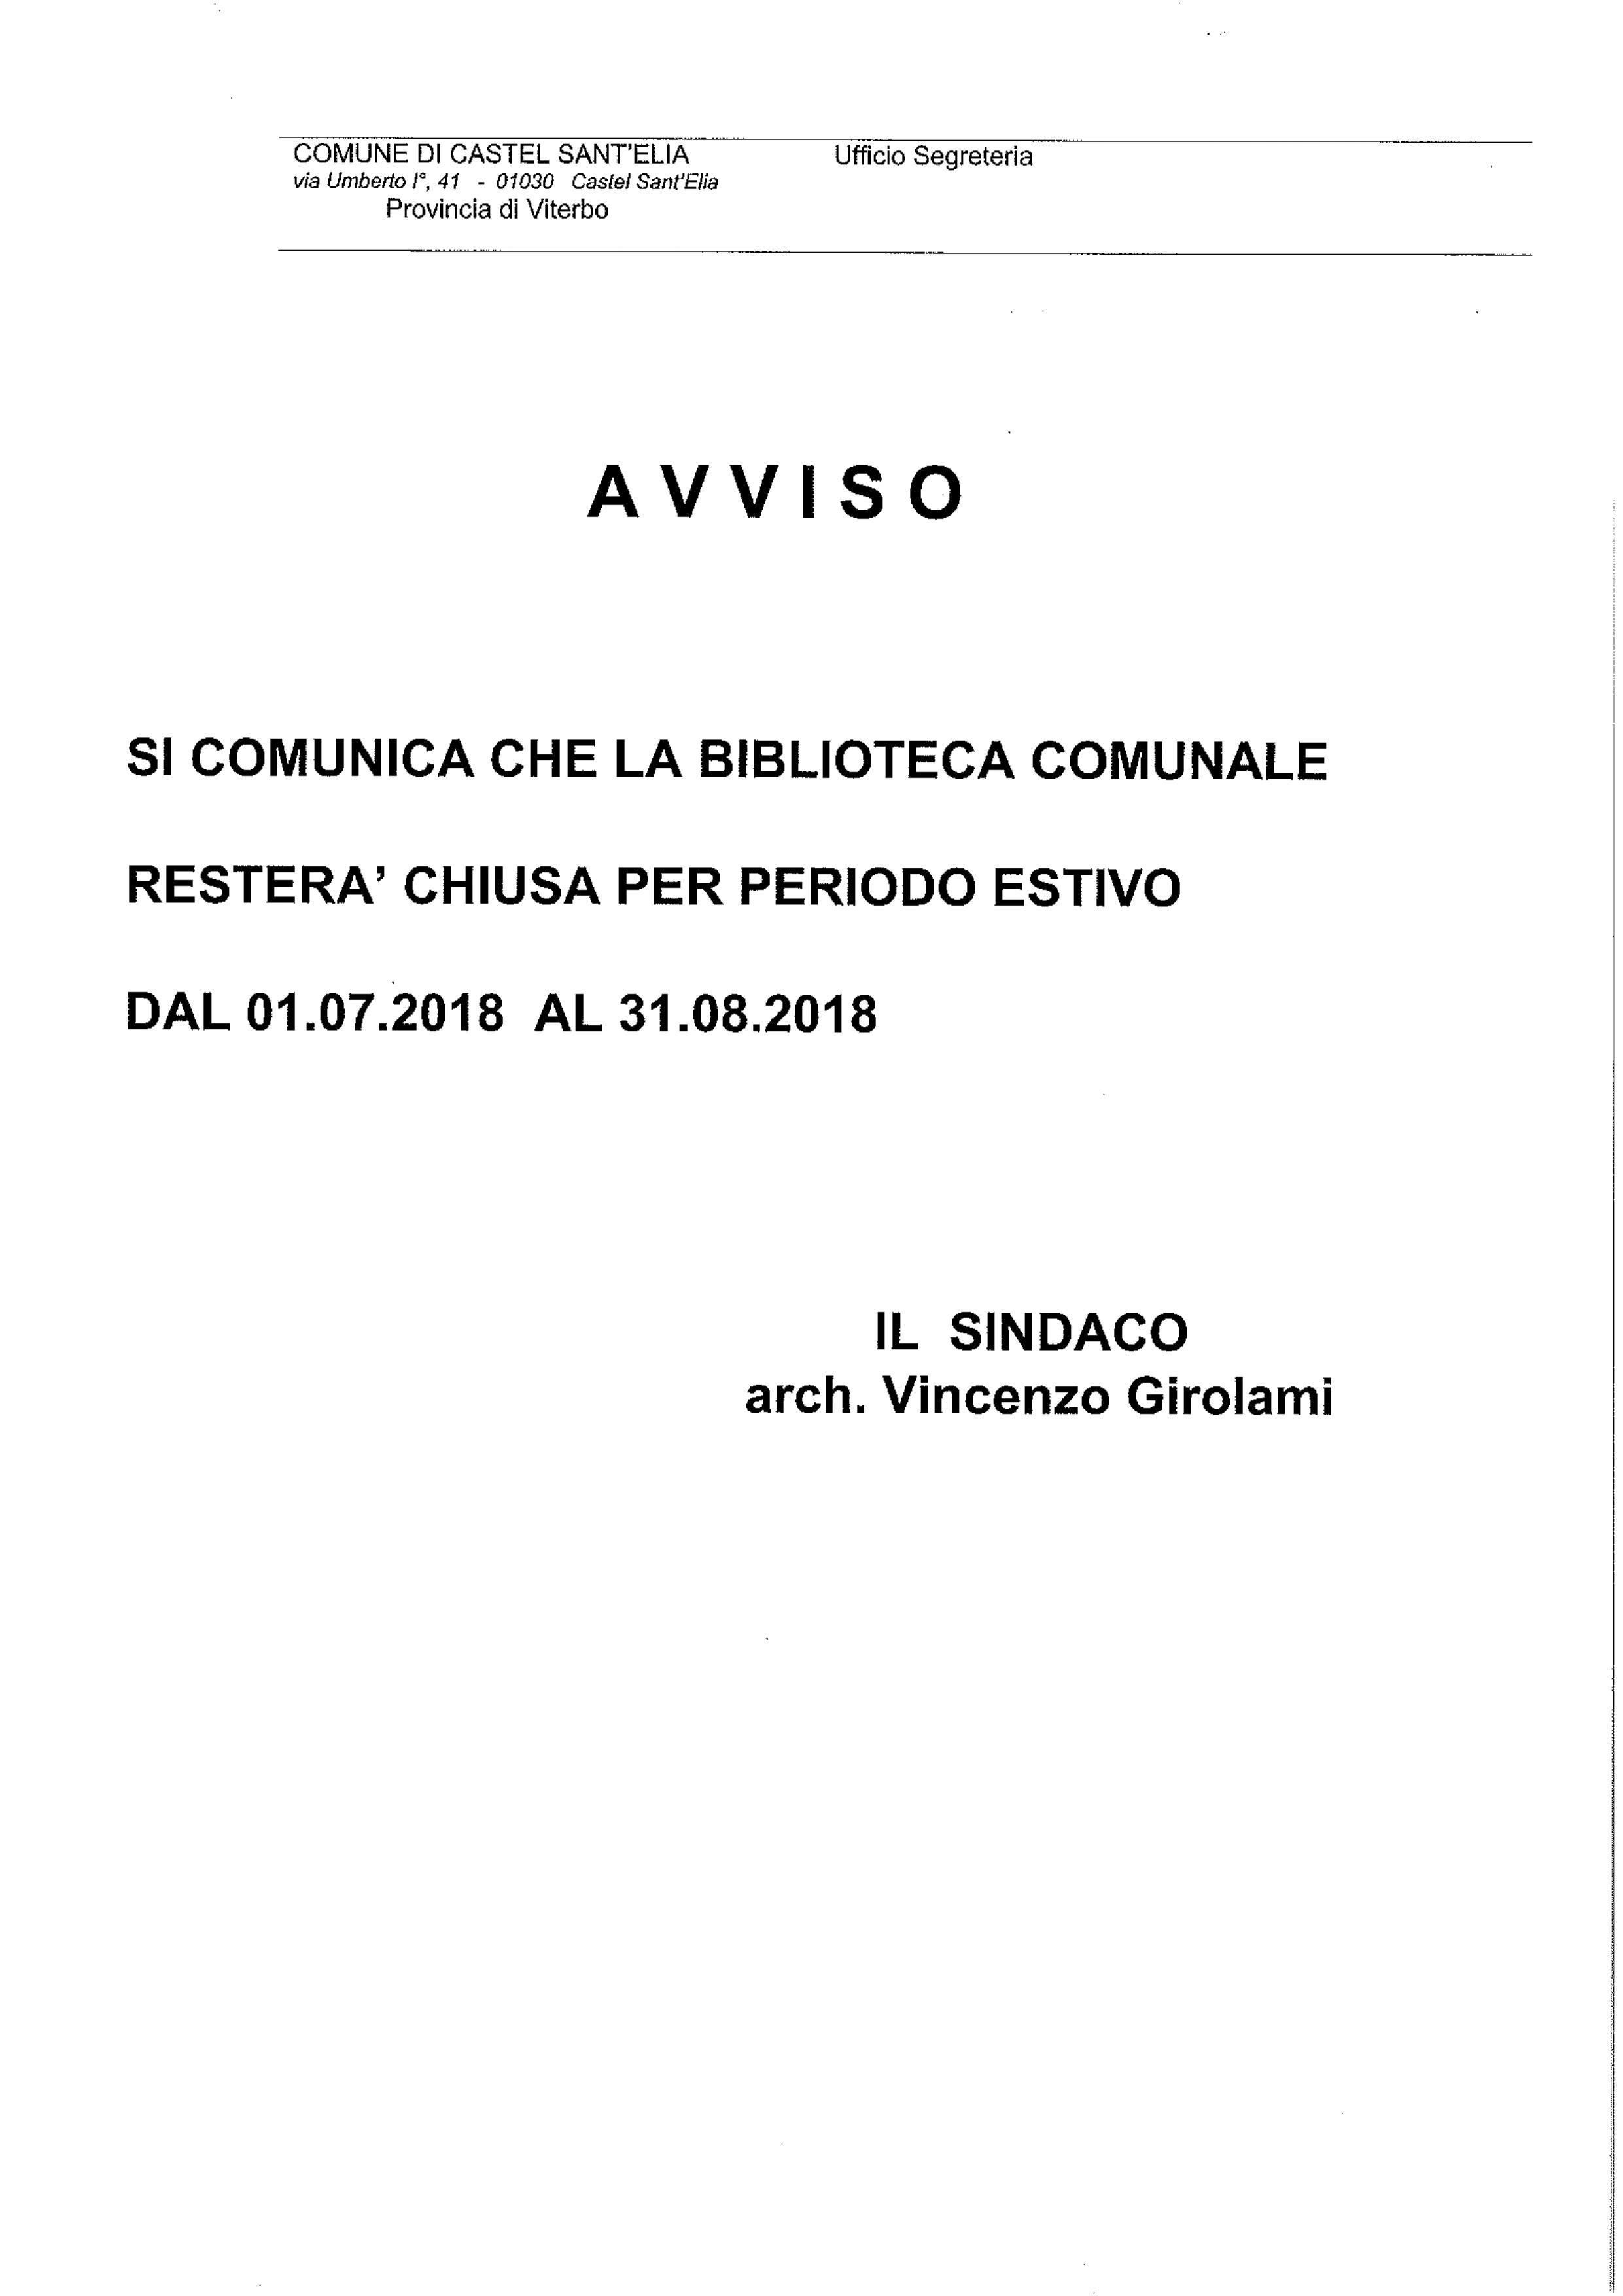 AVVISO CHIUSURA BIBLIOTECA PERIODO ESTIVO